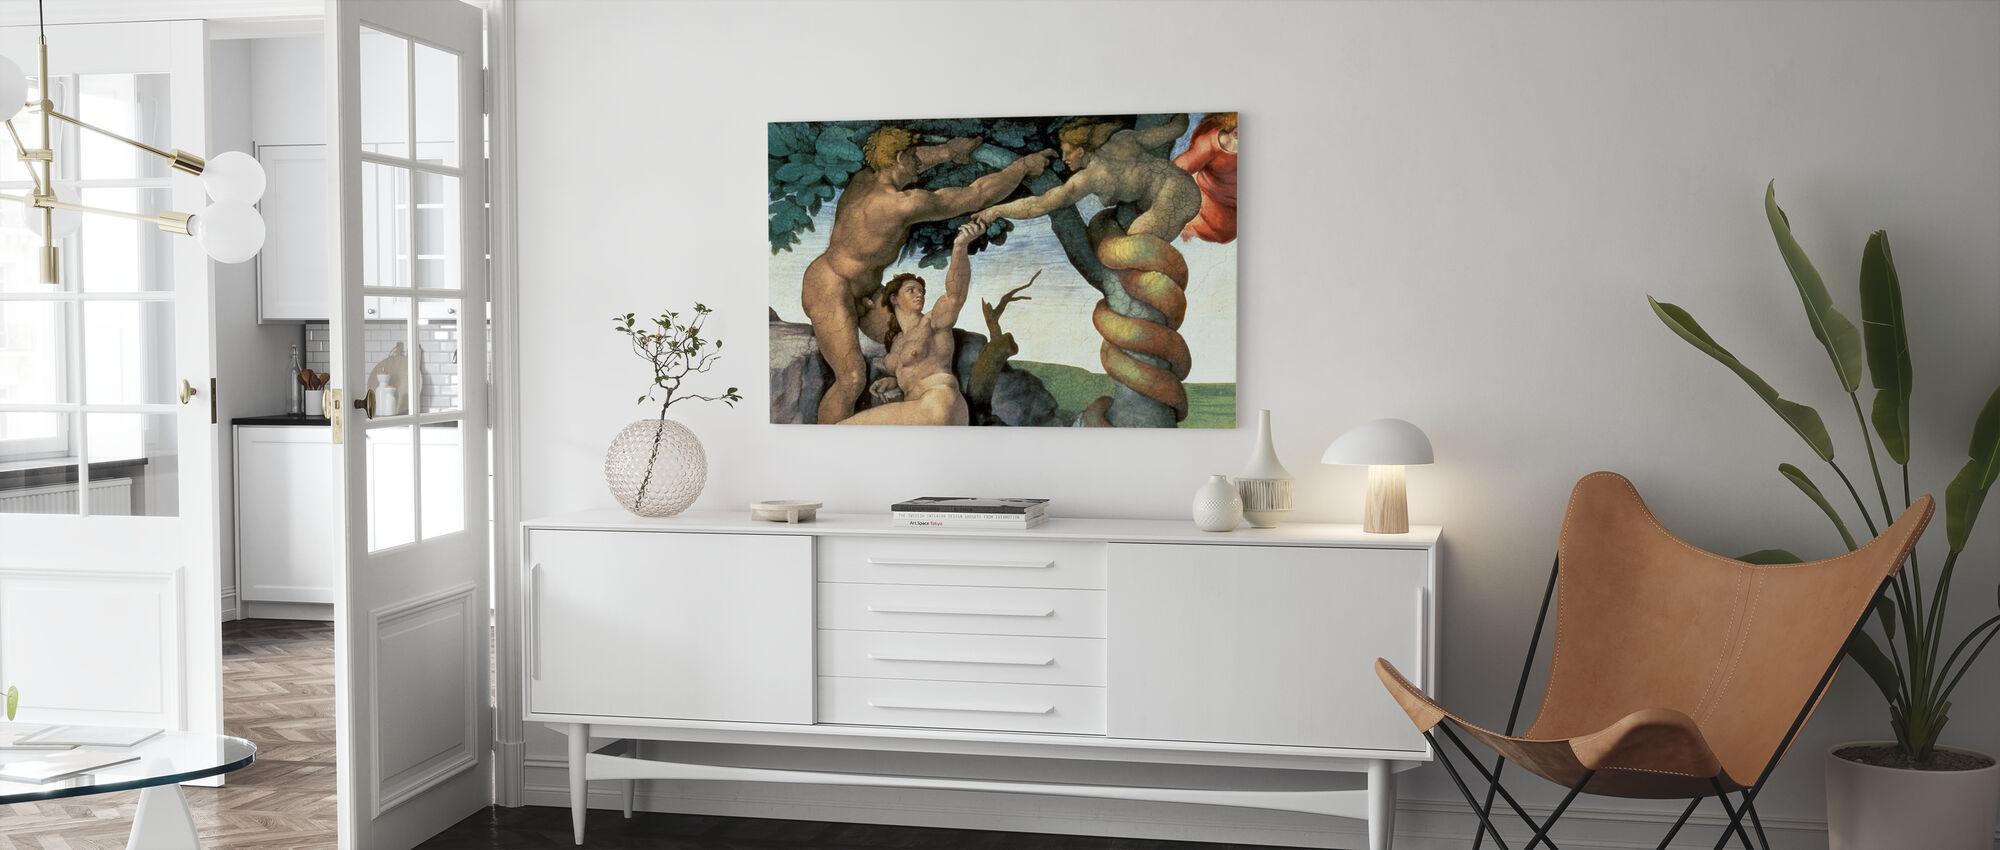 Chapelle Sixtine Plafond, Michel-Ange Buonarroti - Impression sur toile - Salle à manger